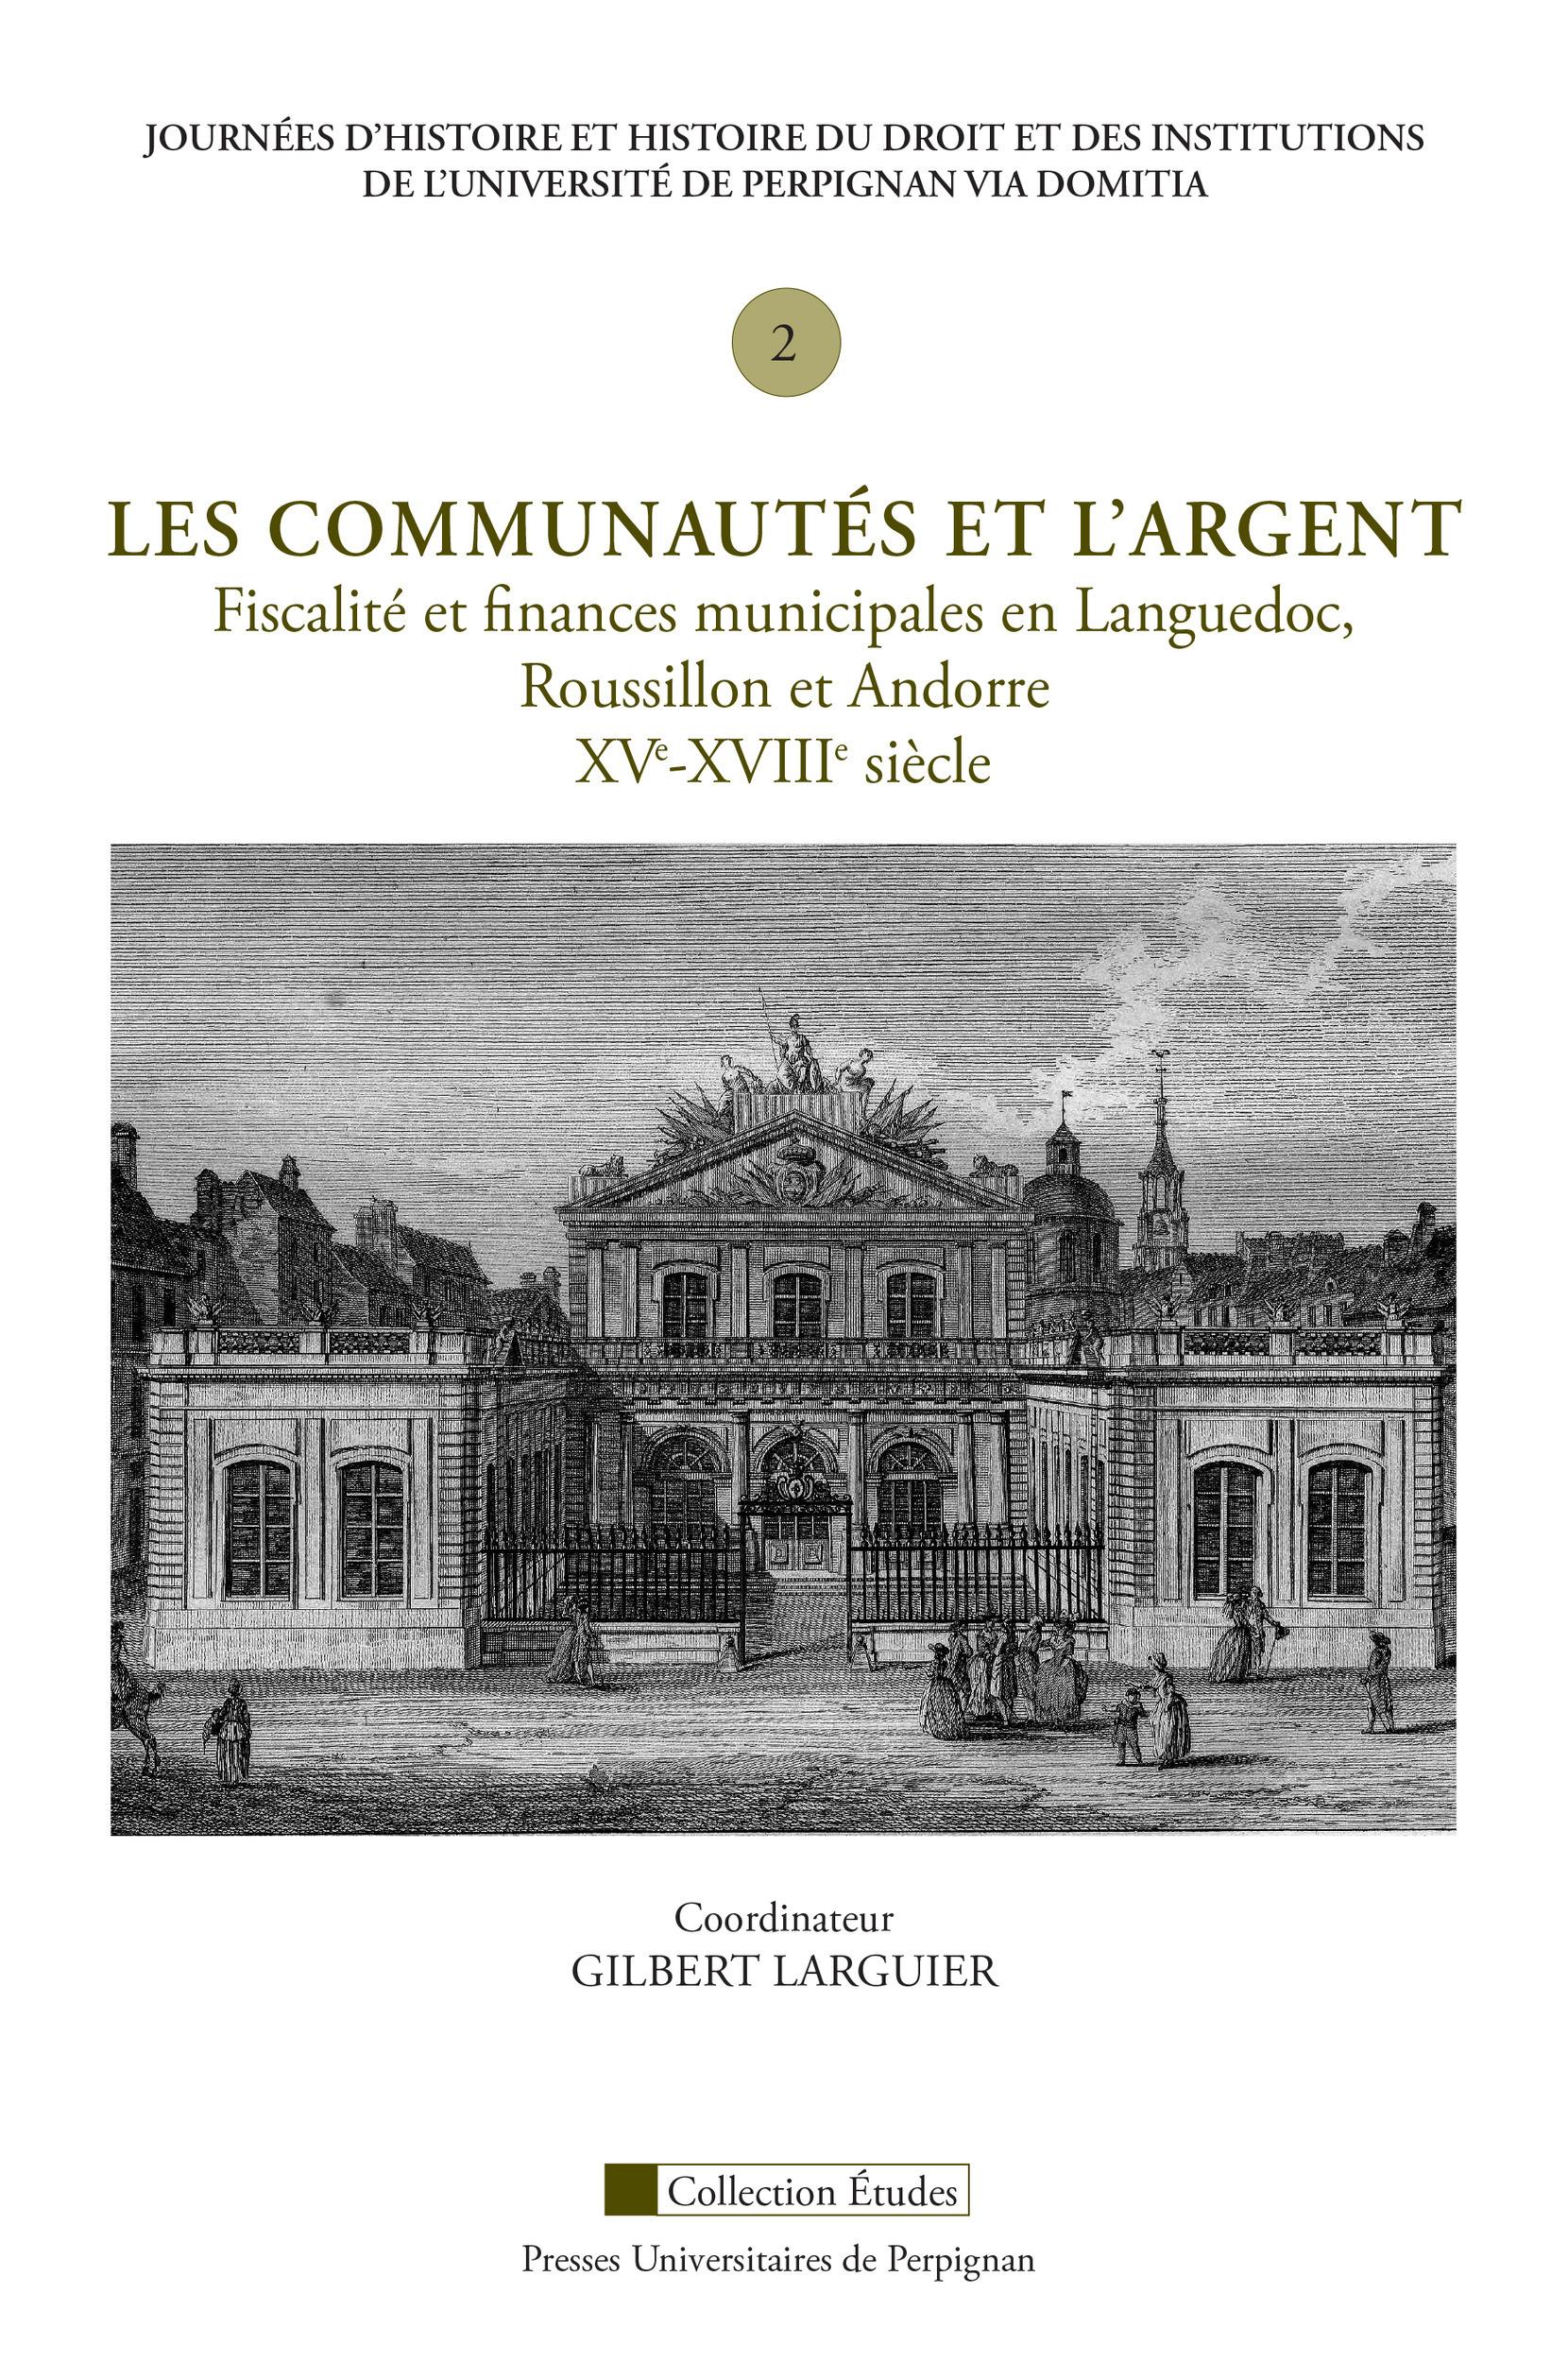 Les communautés et l'argent. Fiscalité et finances municipales en Languedoc, Roussillon et Andorre, XVe-XVIIIe siècle